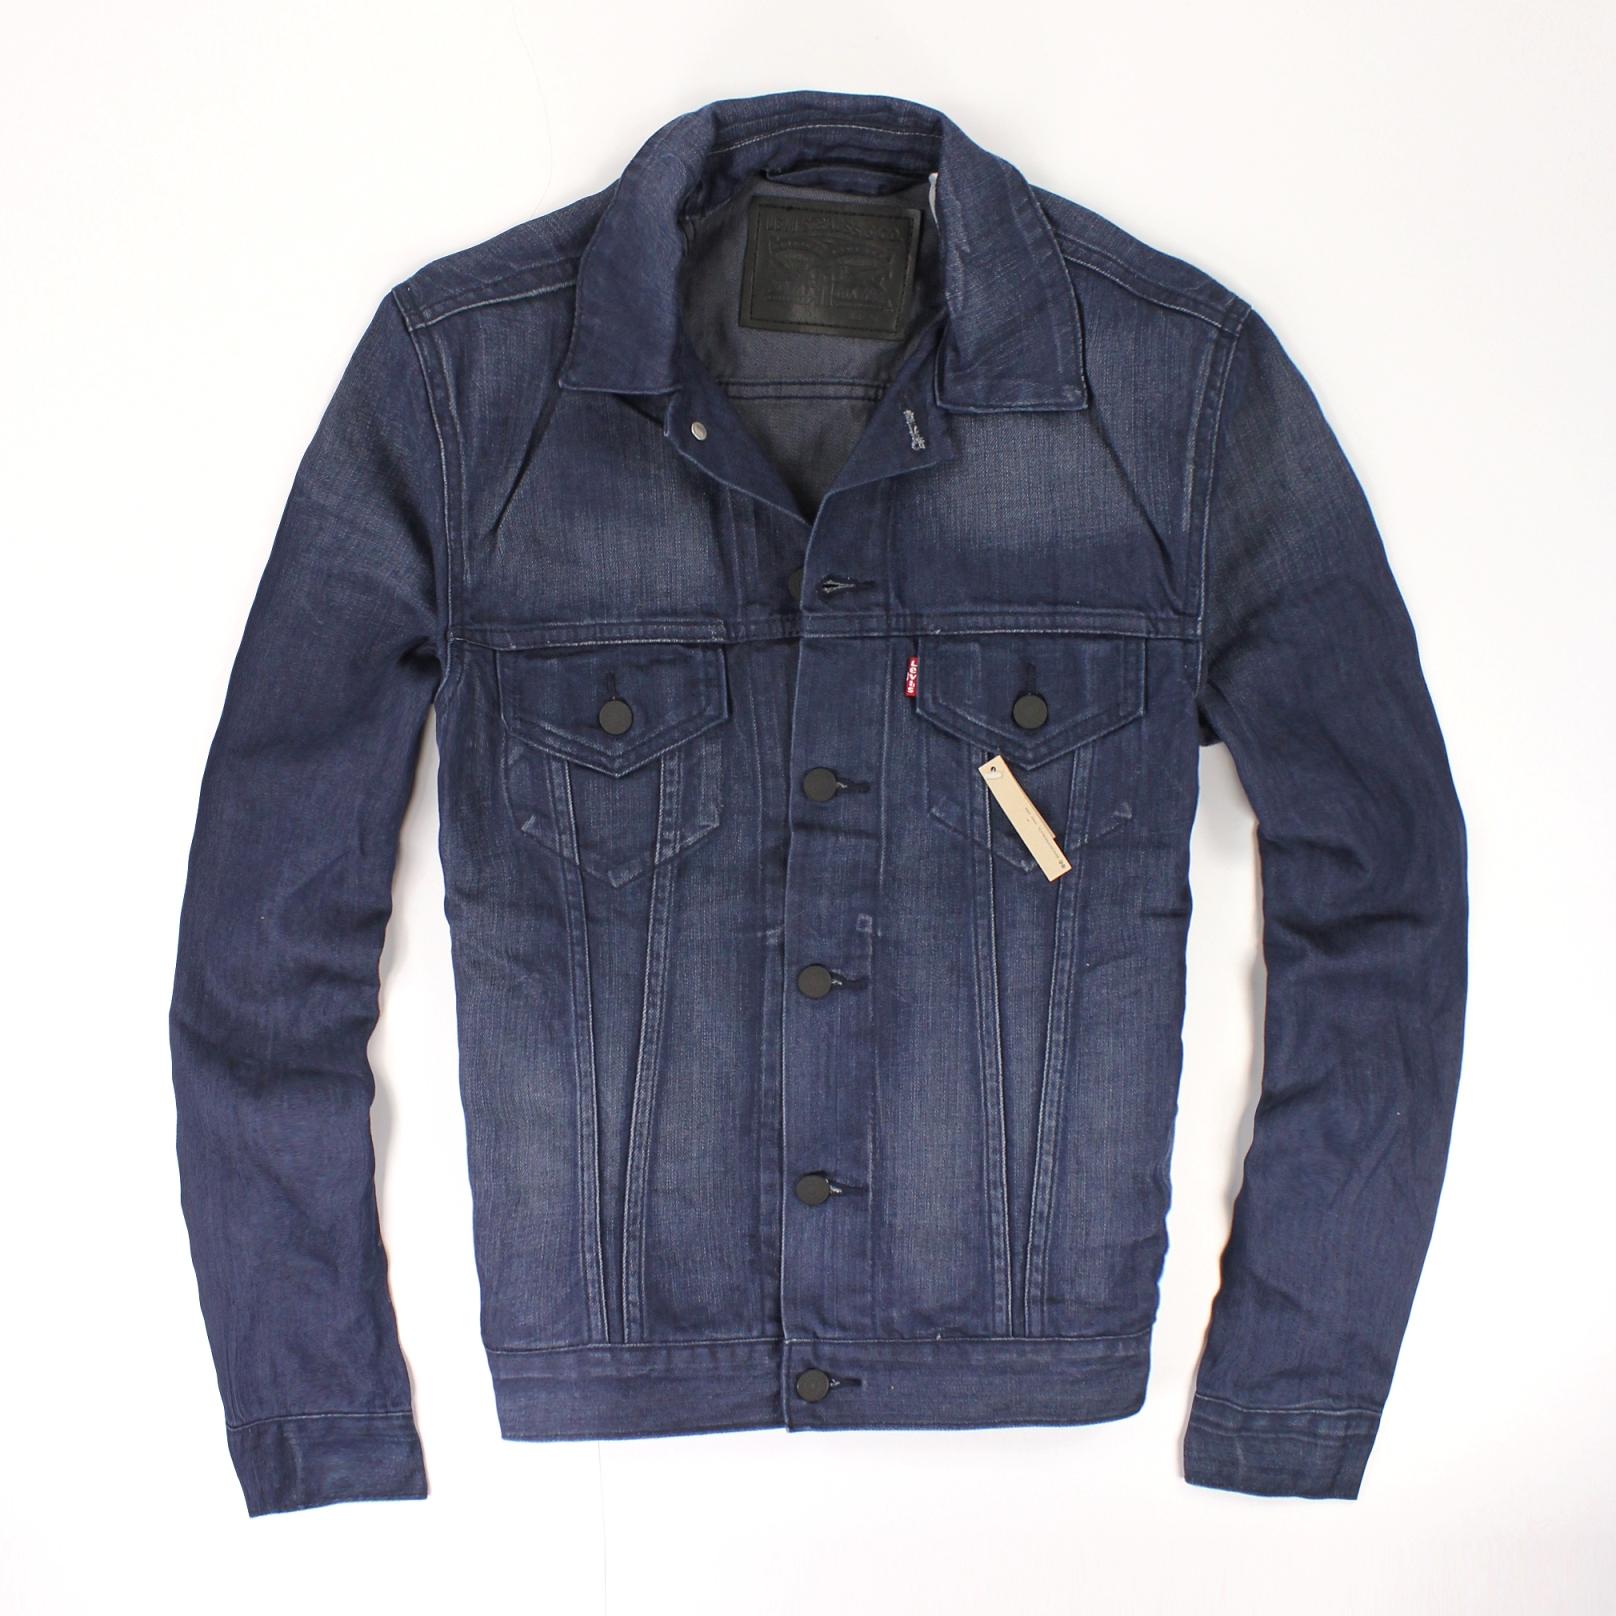 美國百分百【全新真品】Levis 外套 牛仔外套 夾克 藍 雙頭馬車 硬挺 雙口袋 純棉 型男 男 S M號